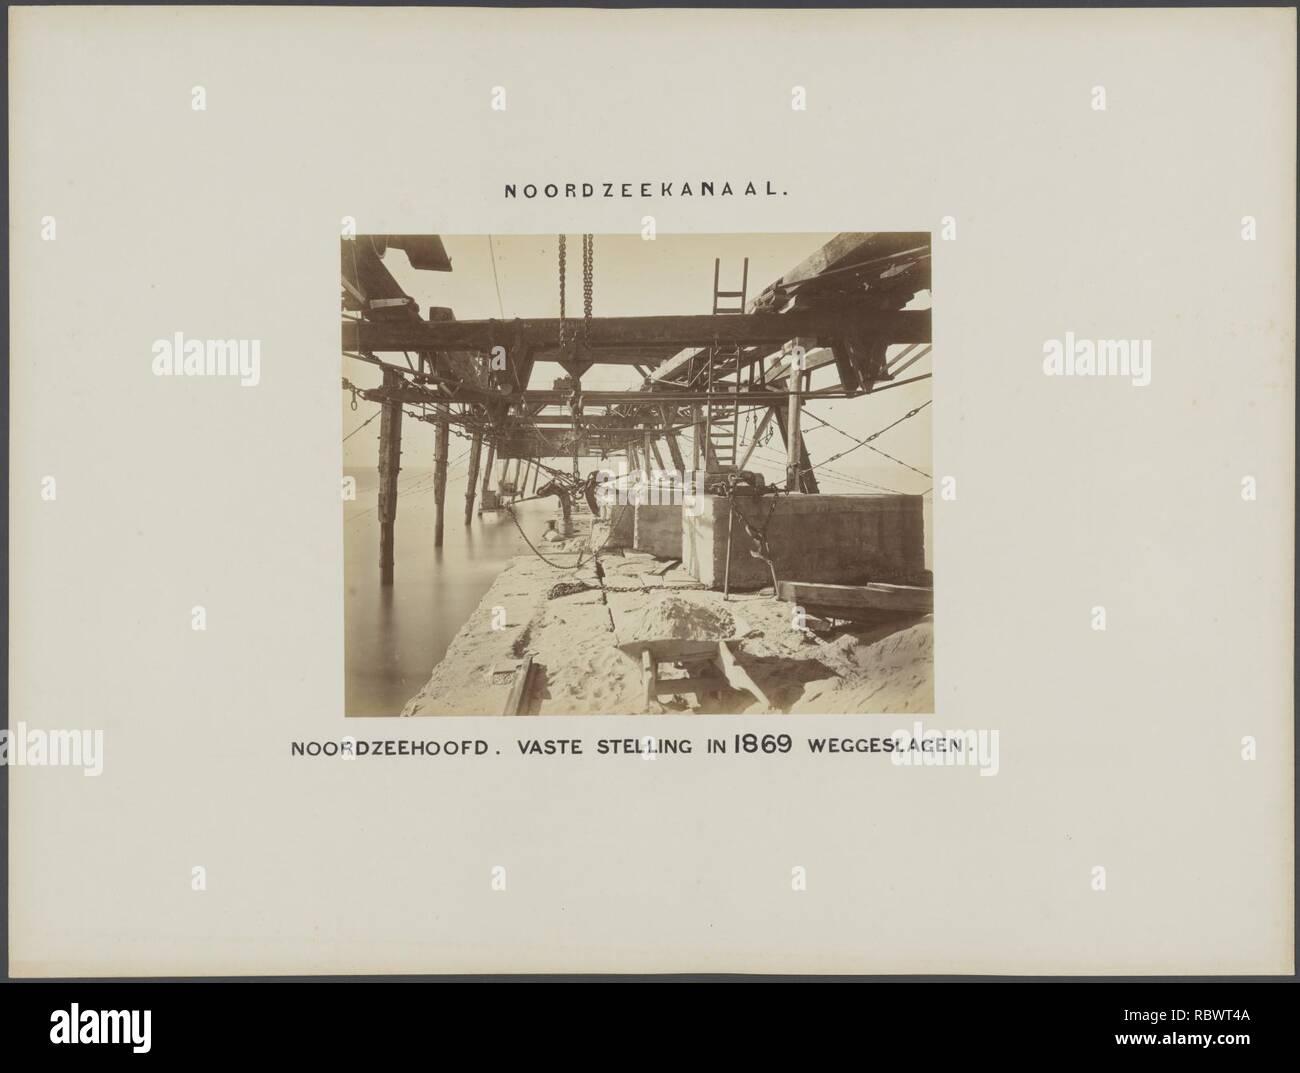 Het Aanleg van noordzeehoofd vaste, stelling, dans weggeslagen Bestanddeelnr 1869, 568. Photo Stock